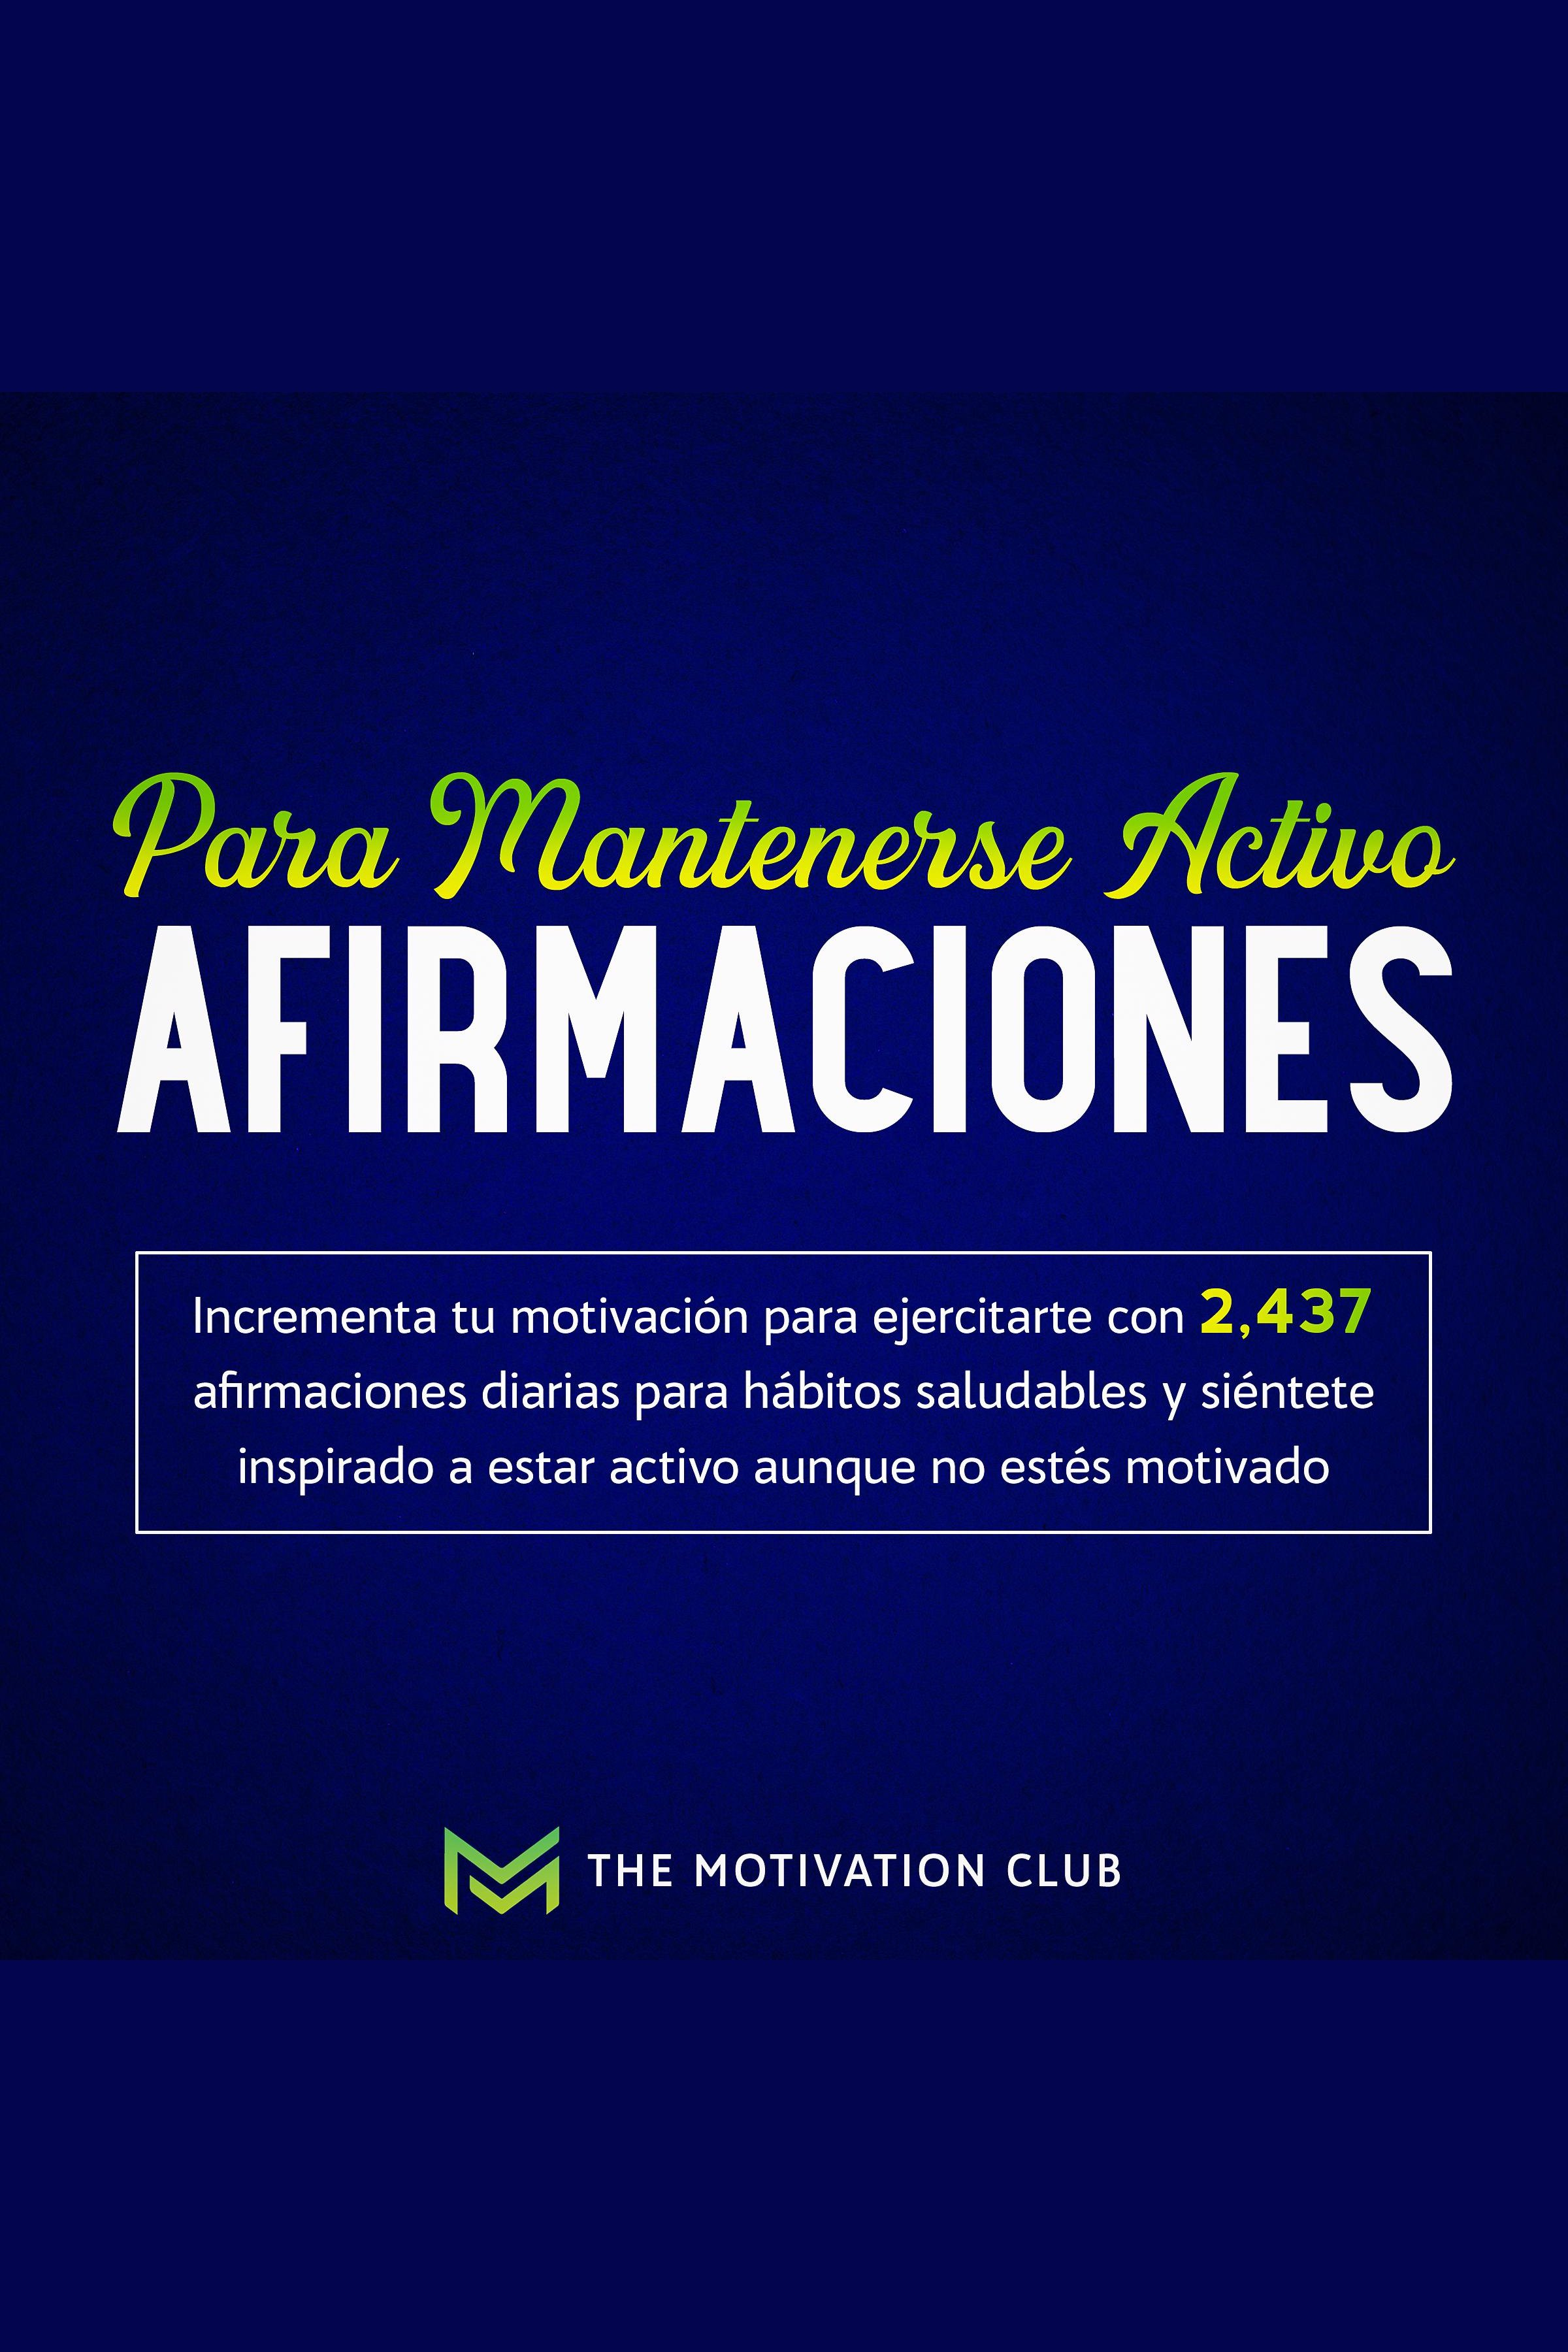 Esta es la portada del audiolibro Afirmaciones para mantenerse activo Incrementa tu motivación para ejercitarte con 2,437 afirmaciones diarias para hábitos saludables y siéntete inspirado a estar activo aunque no estés motivado